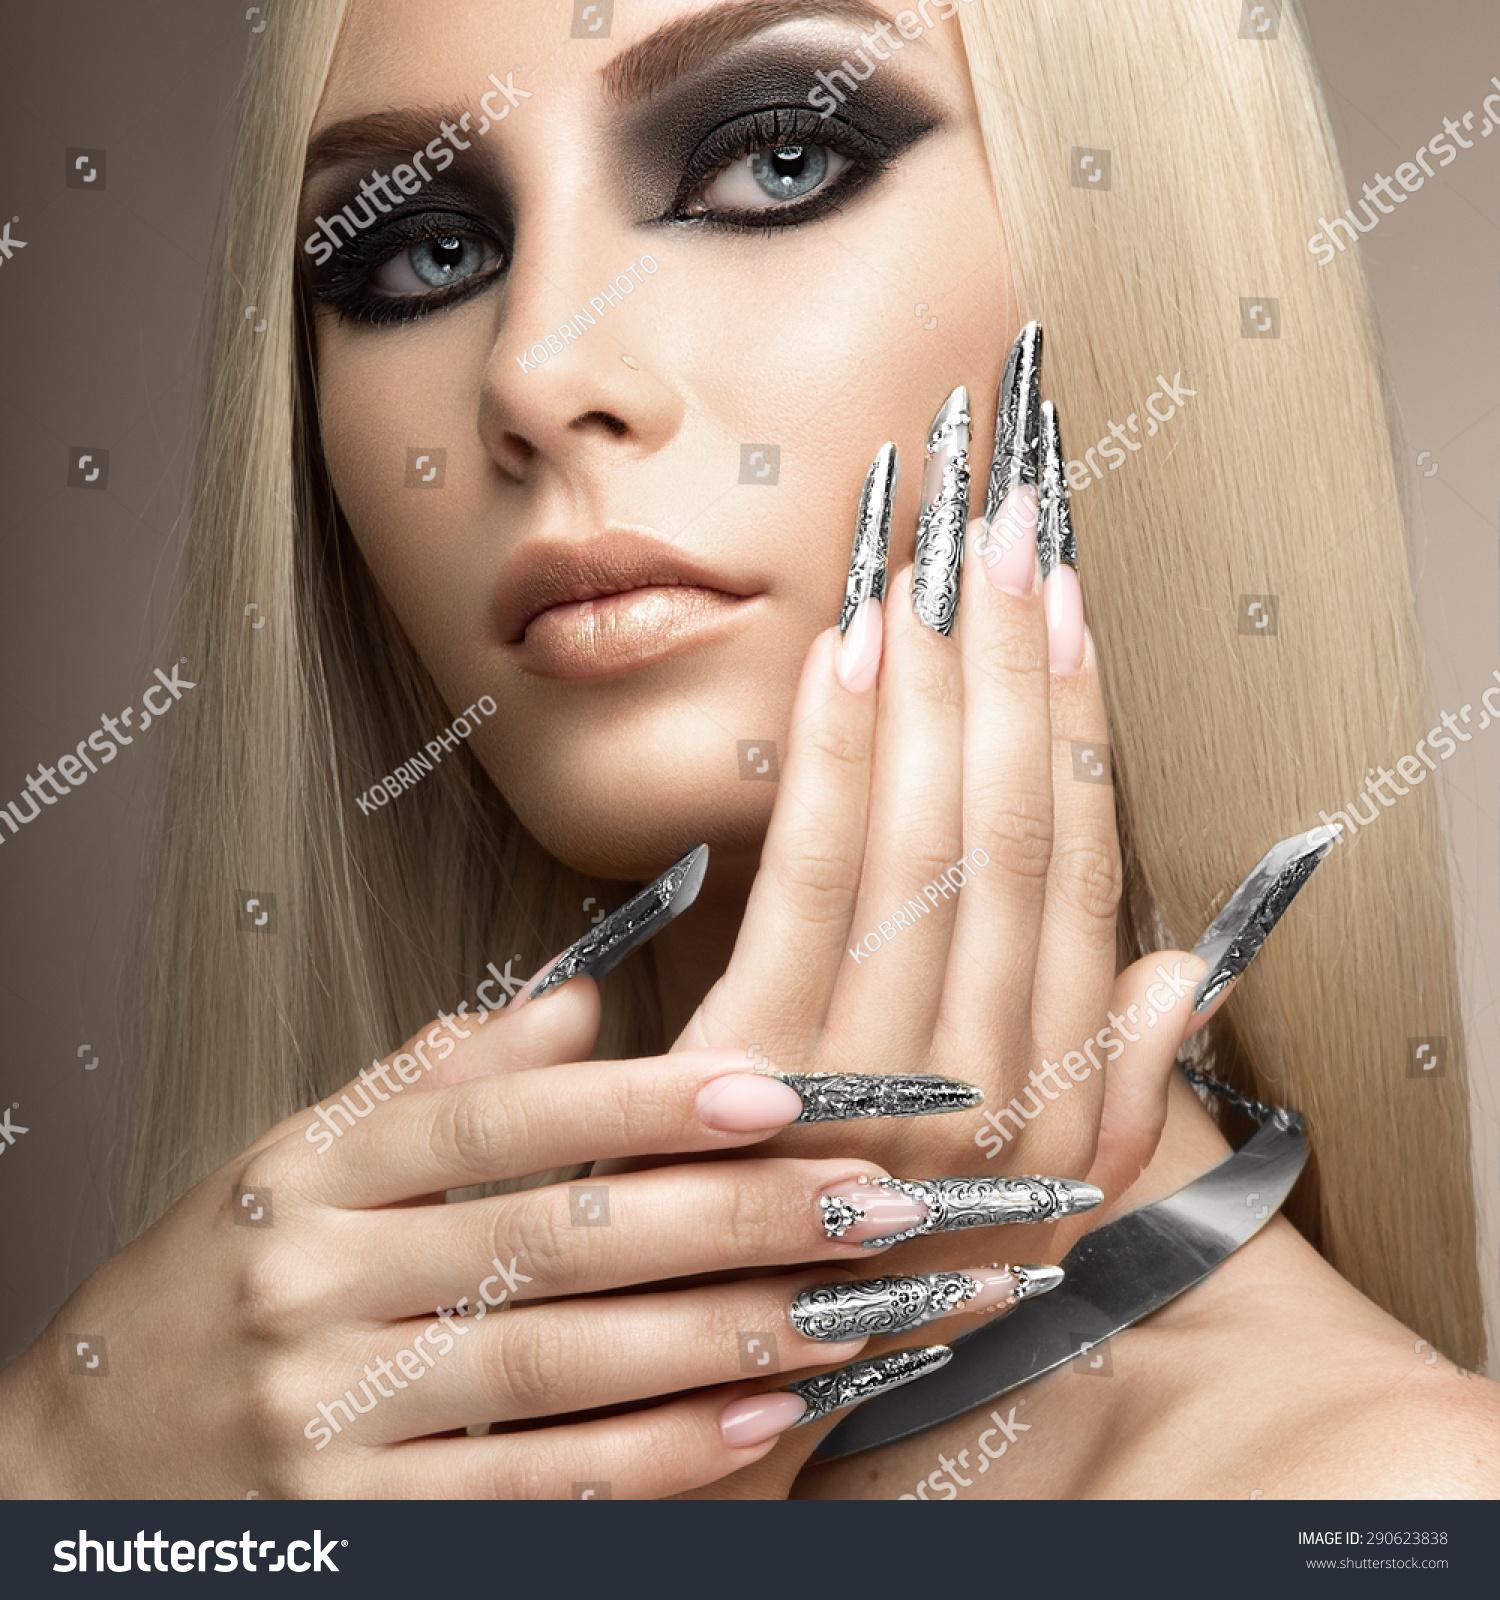 Темнокожая легкоатлетка с длинными ногтями 1 фотография